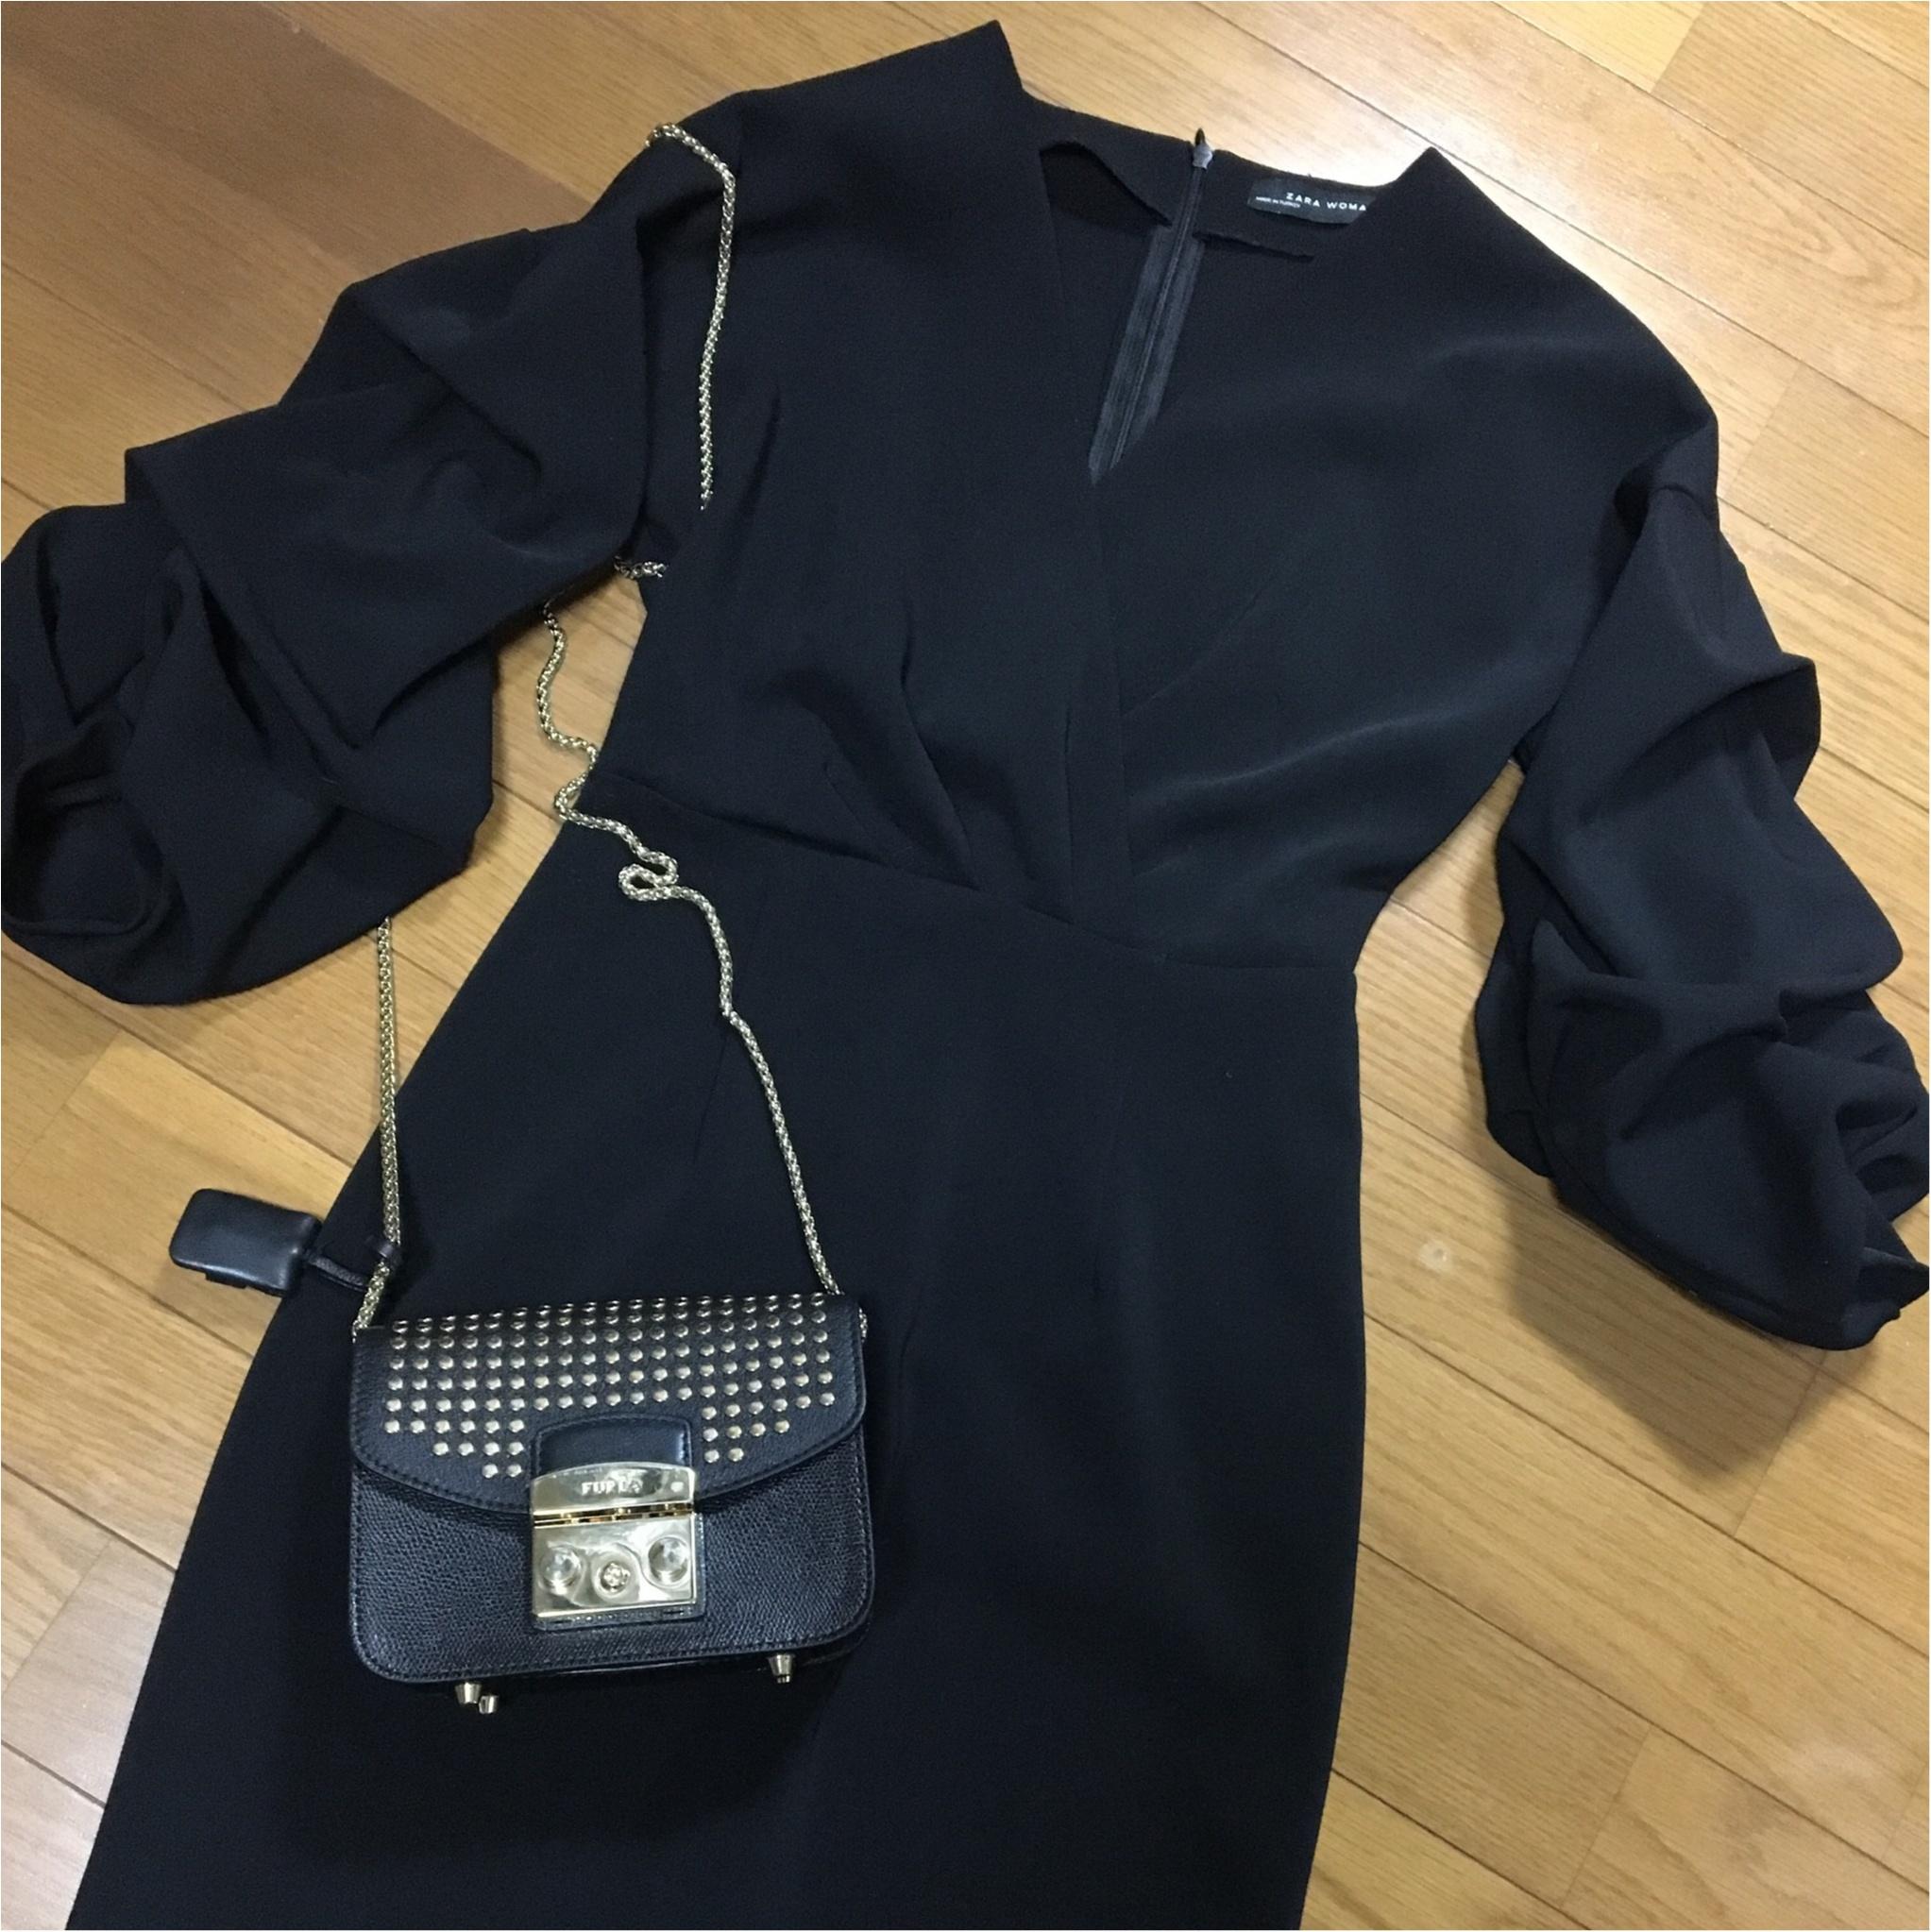 やりすぎないドレスアップはZARAで決まり!7,000円以下の使えるワンピはこれ!!_1